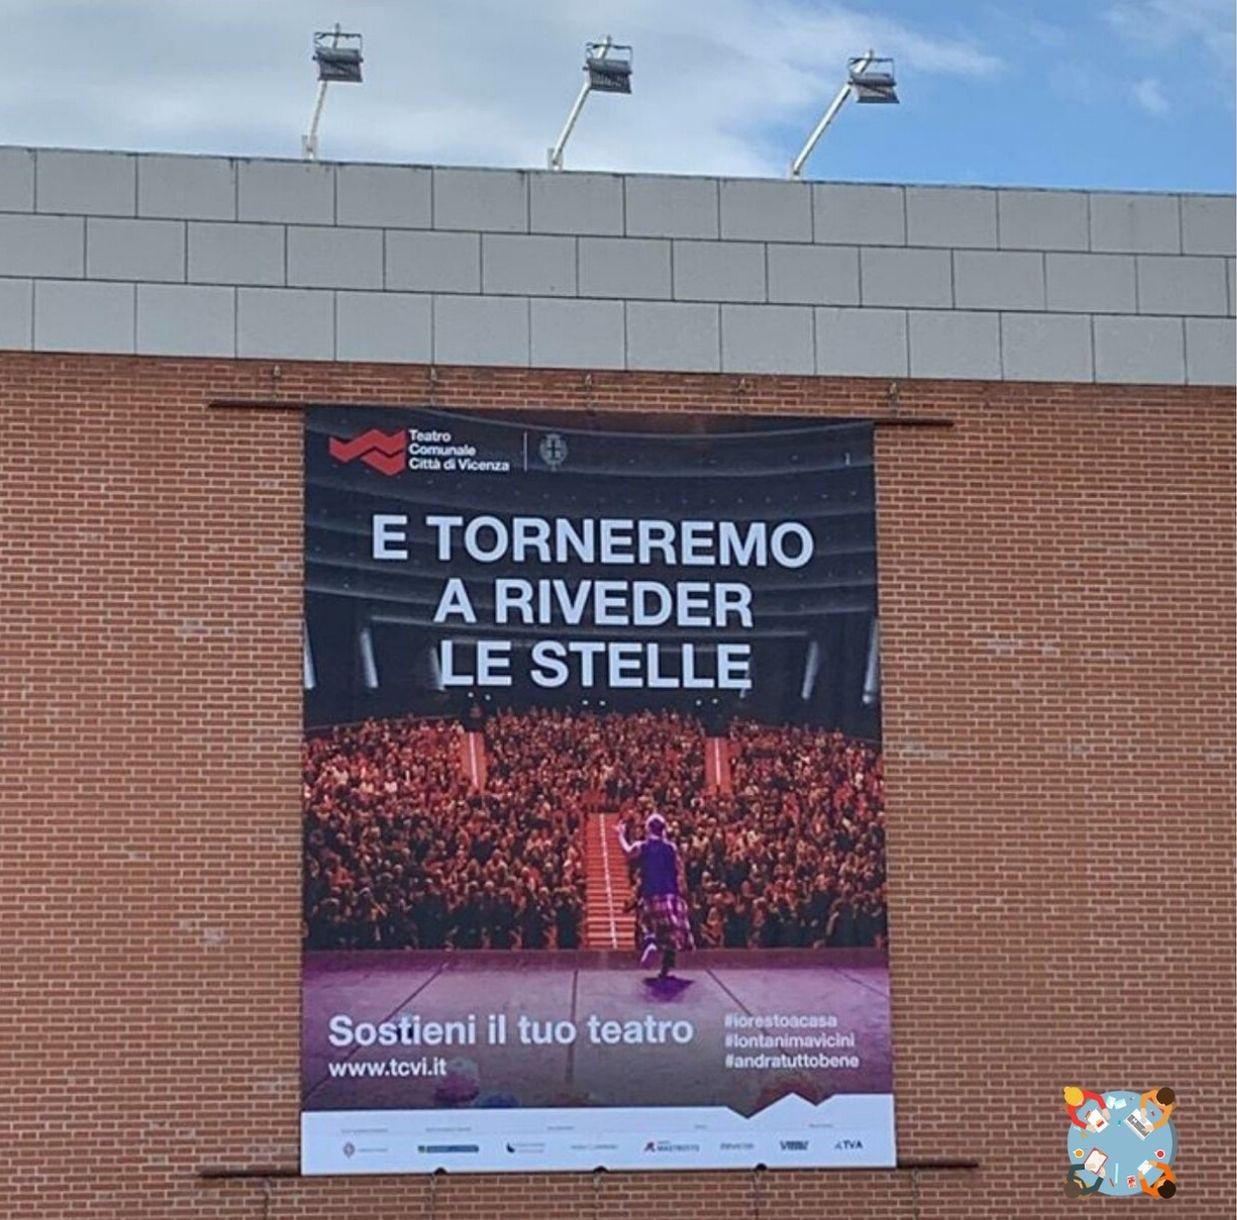 #parliamodivoi puntata 4 – Teatro Comunale Città di Vicenza: come torneremo a rivedere le stelle